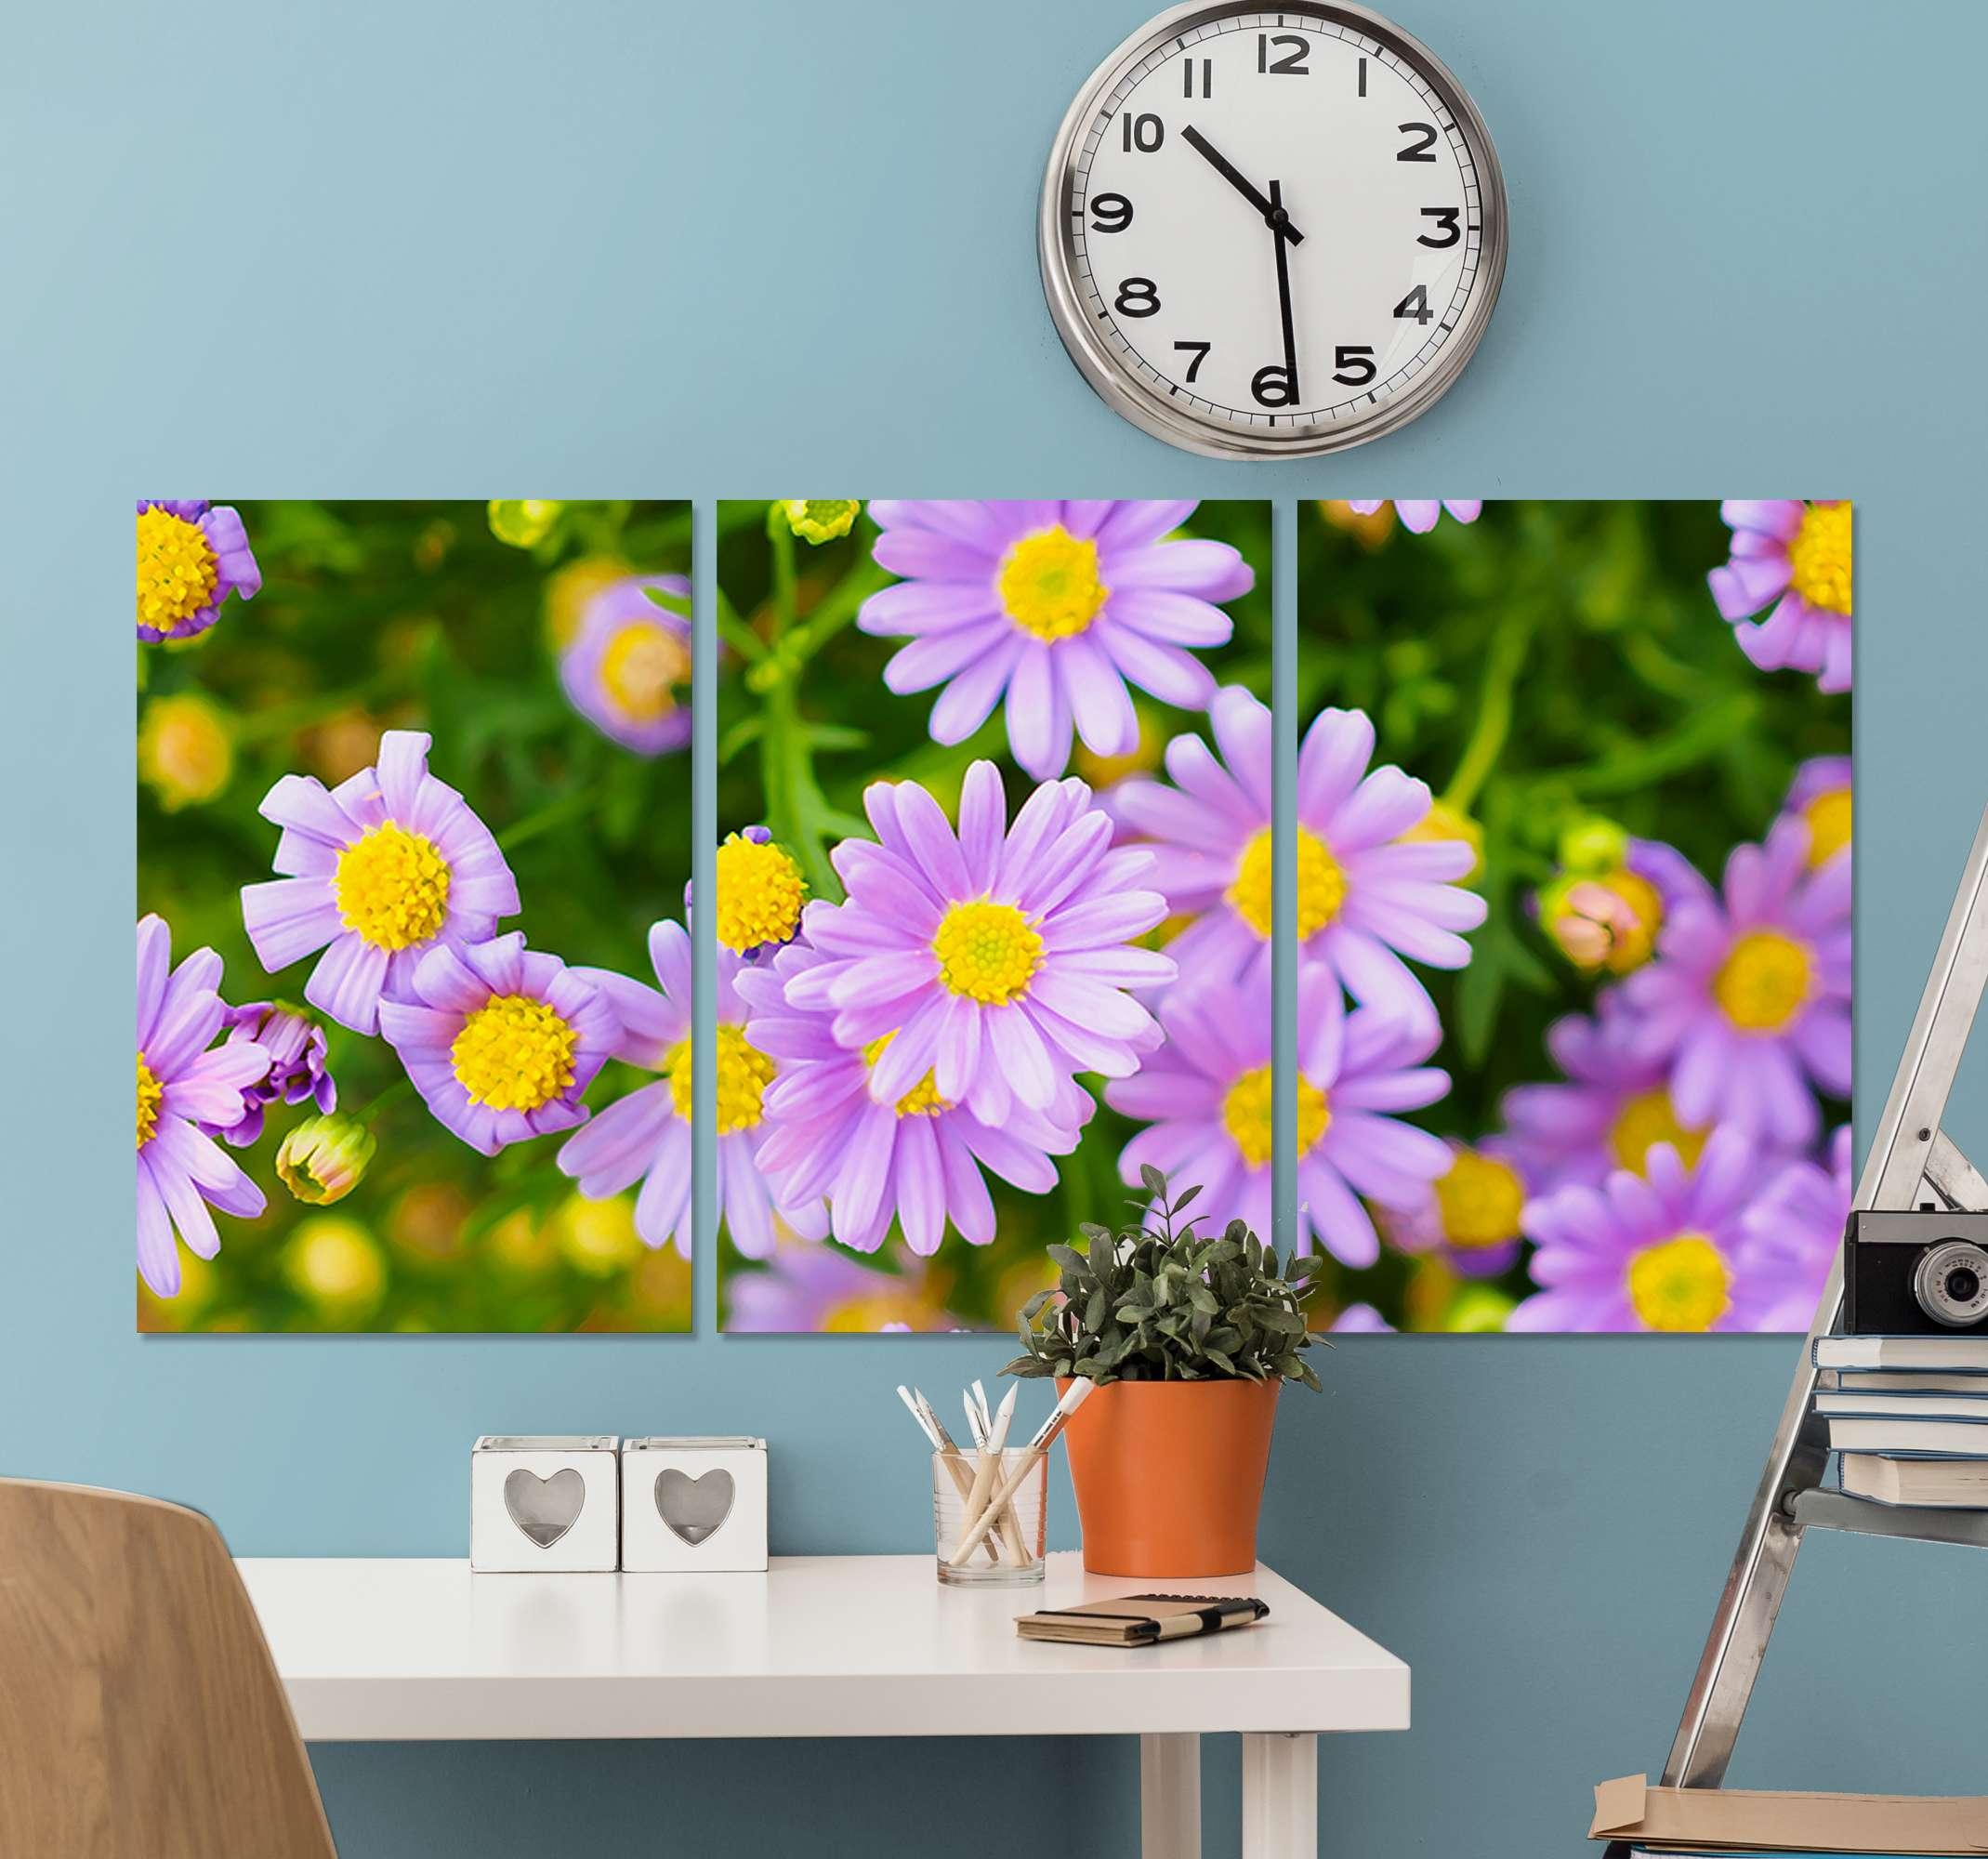 TenStickers. Quadro fiori Fiori rosa sul prato verde. Un bel set di stampe su tela di prato fiorito giallo e viola installerà un effetto elegante e guarderà il tuo spazio. Originale, resistente e opaca.